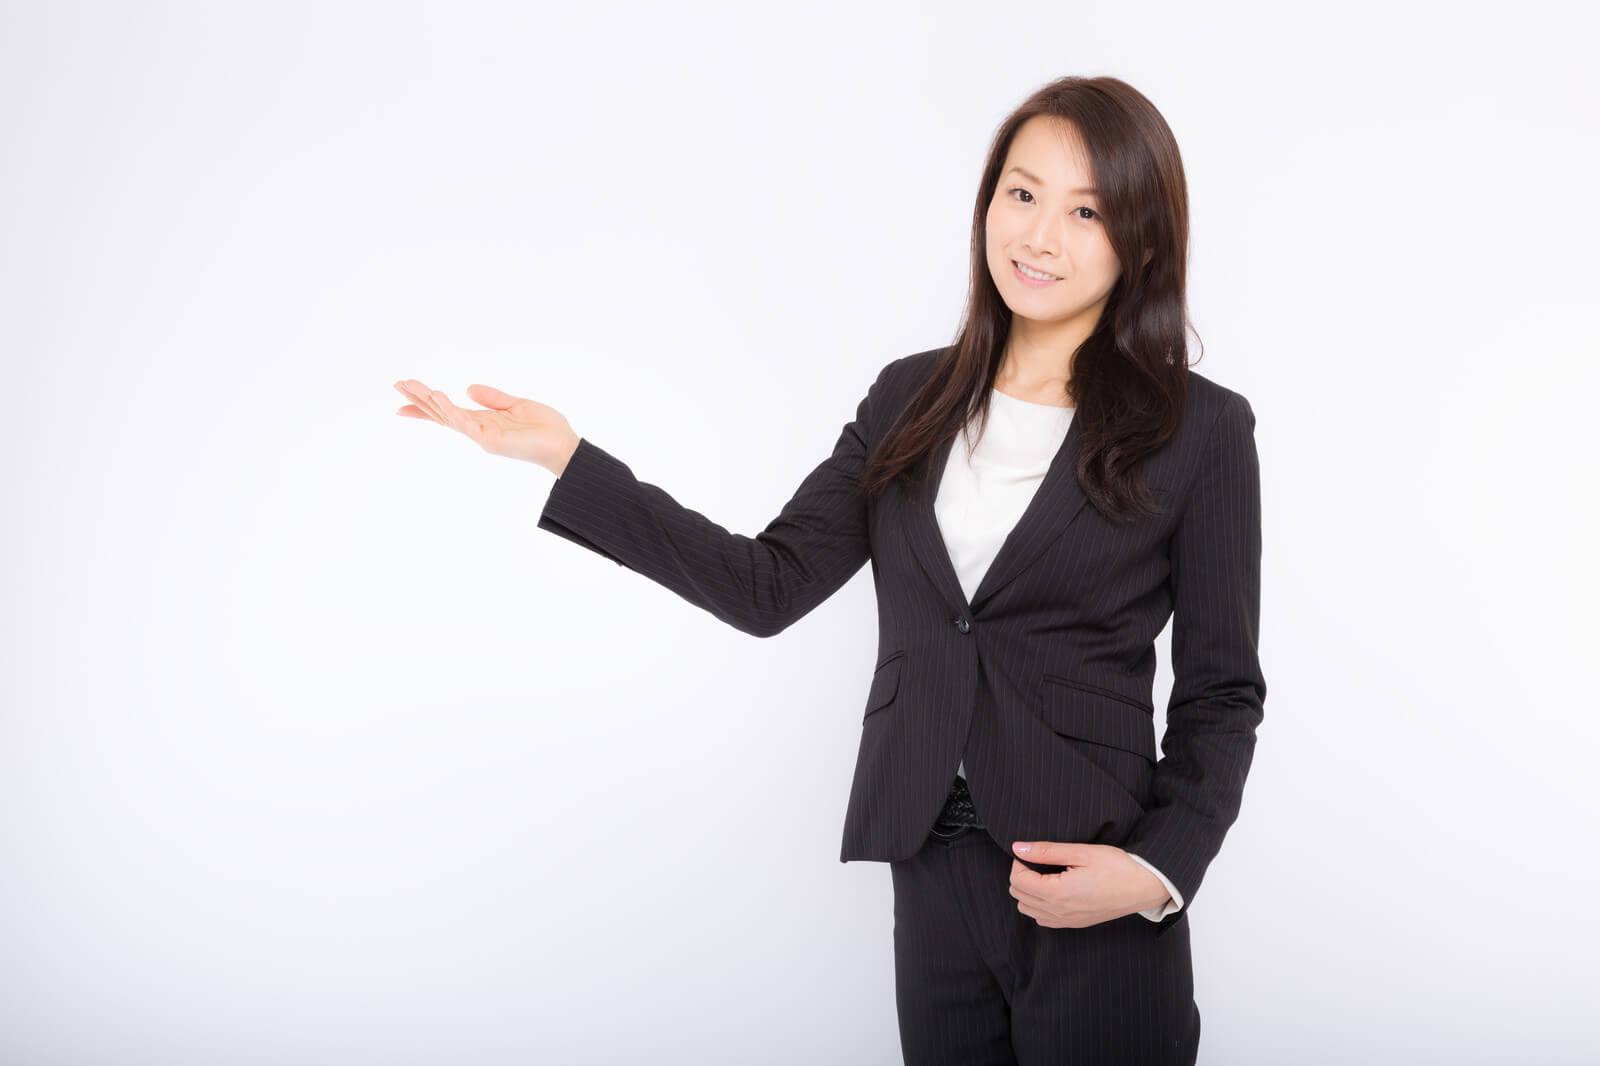 スゴい電話(すごい電話)の使い方を説明する女性